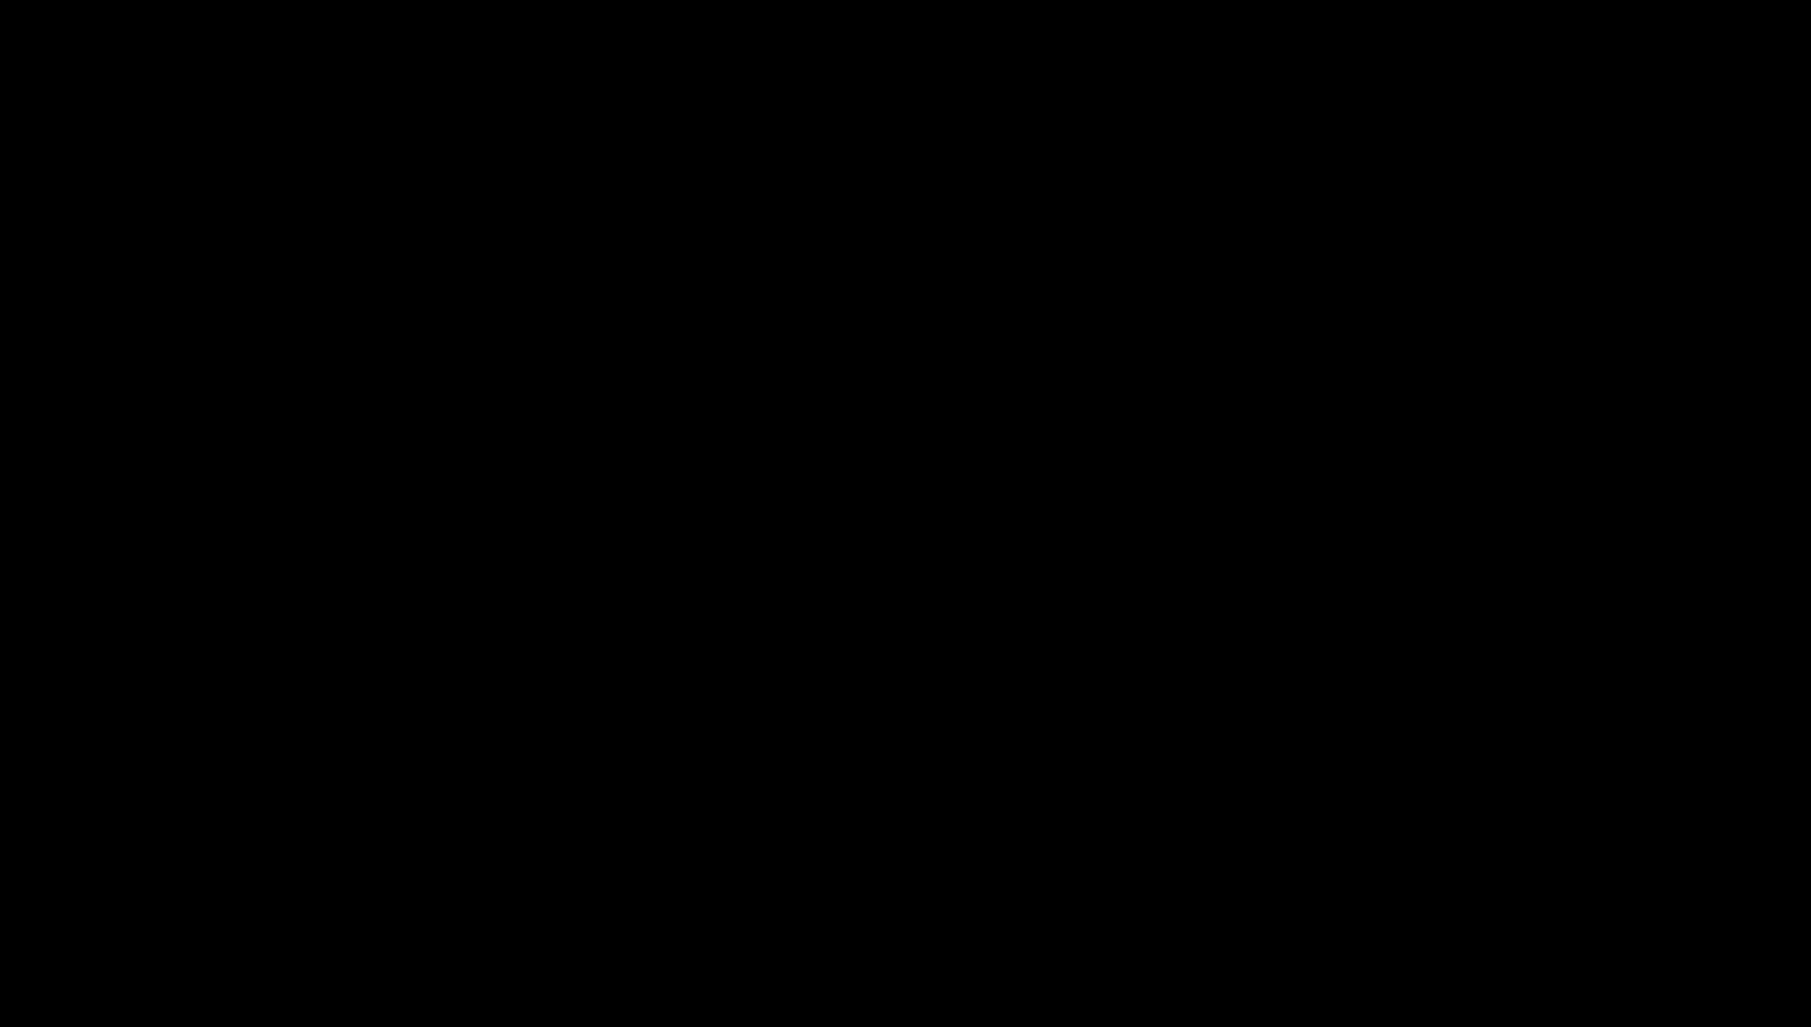 Dierbergs Exterior Rendering